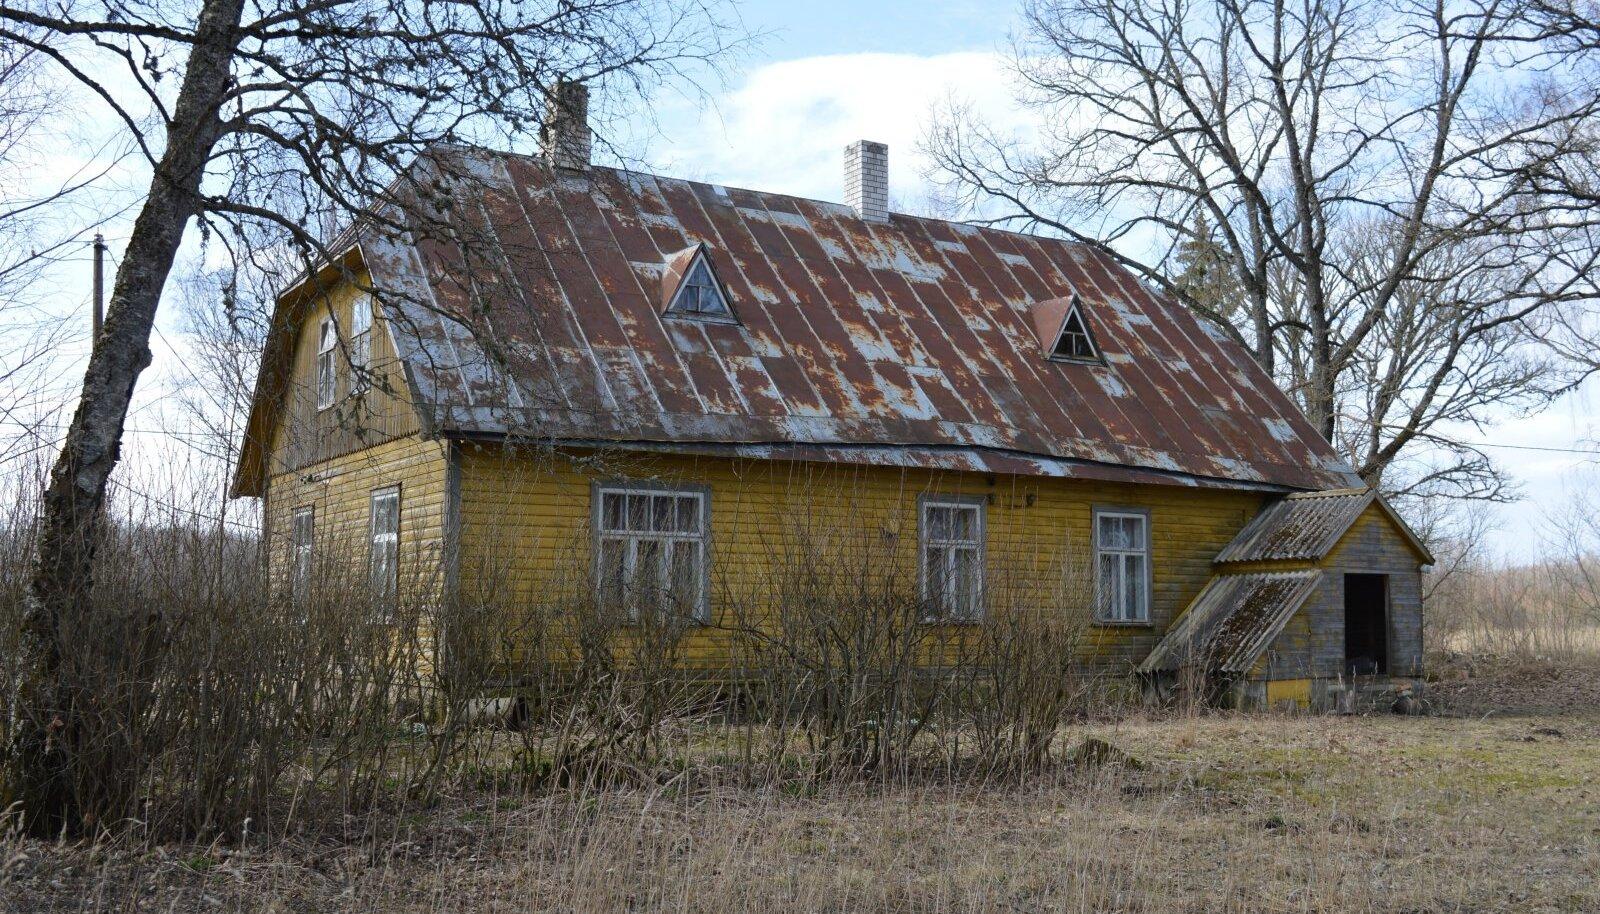 Ansomardi uus elumaja on ehitatud 1936. aastal, aga selle laudvoodrit poldud ilmselt sellest ajast saati värvitud. Enne mälestuskivi avamist kaeti maja seinad kollase õlivärviga.